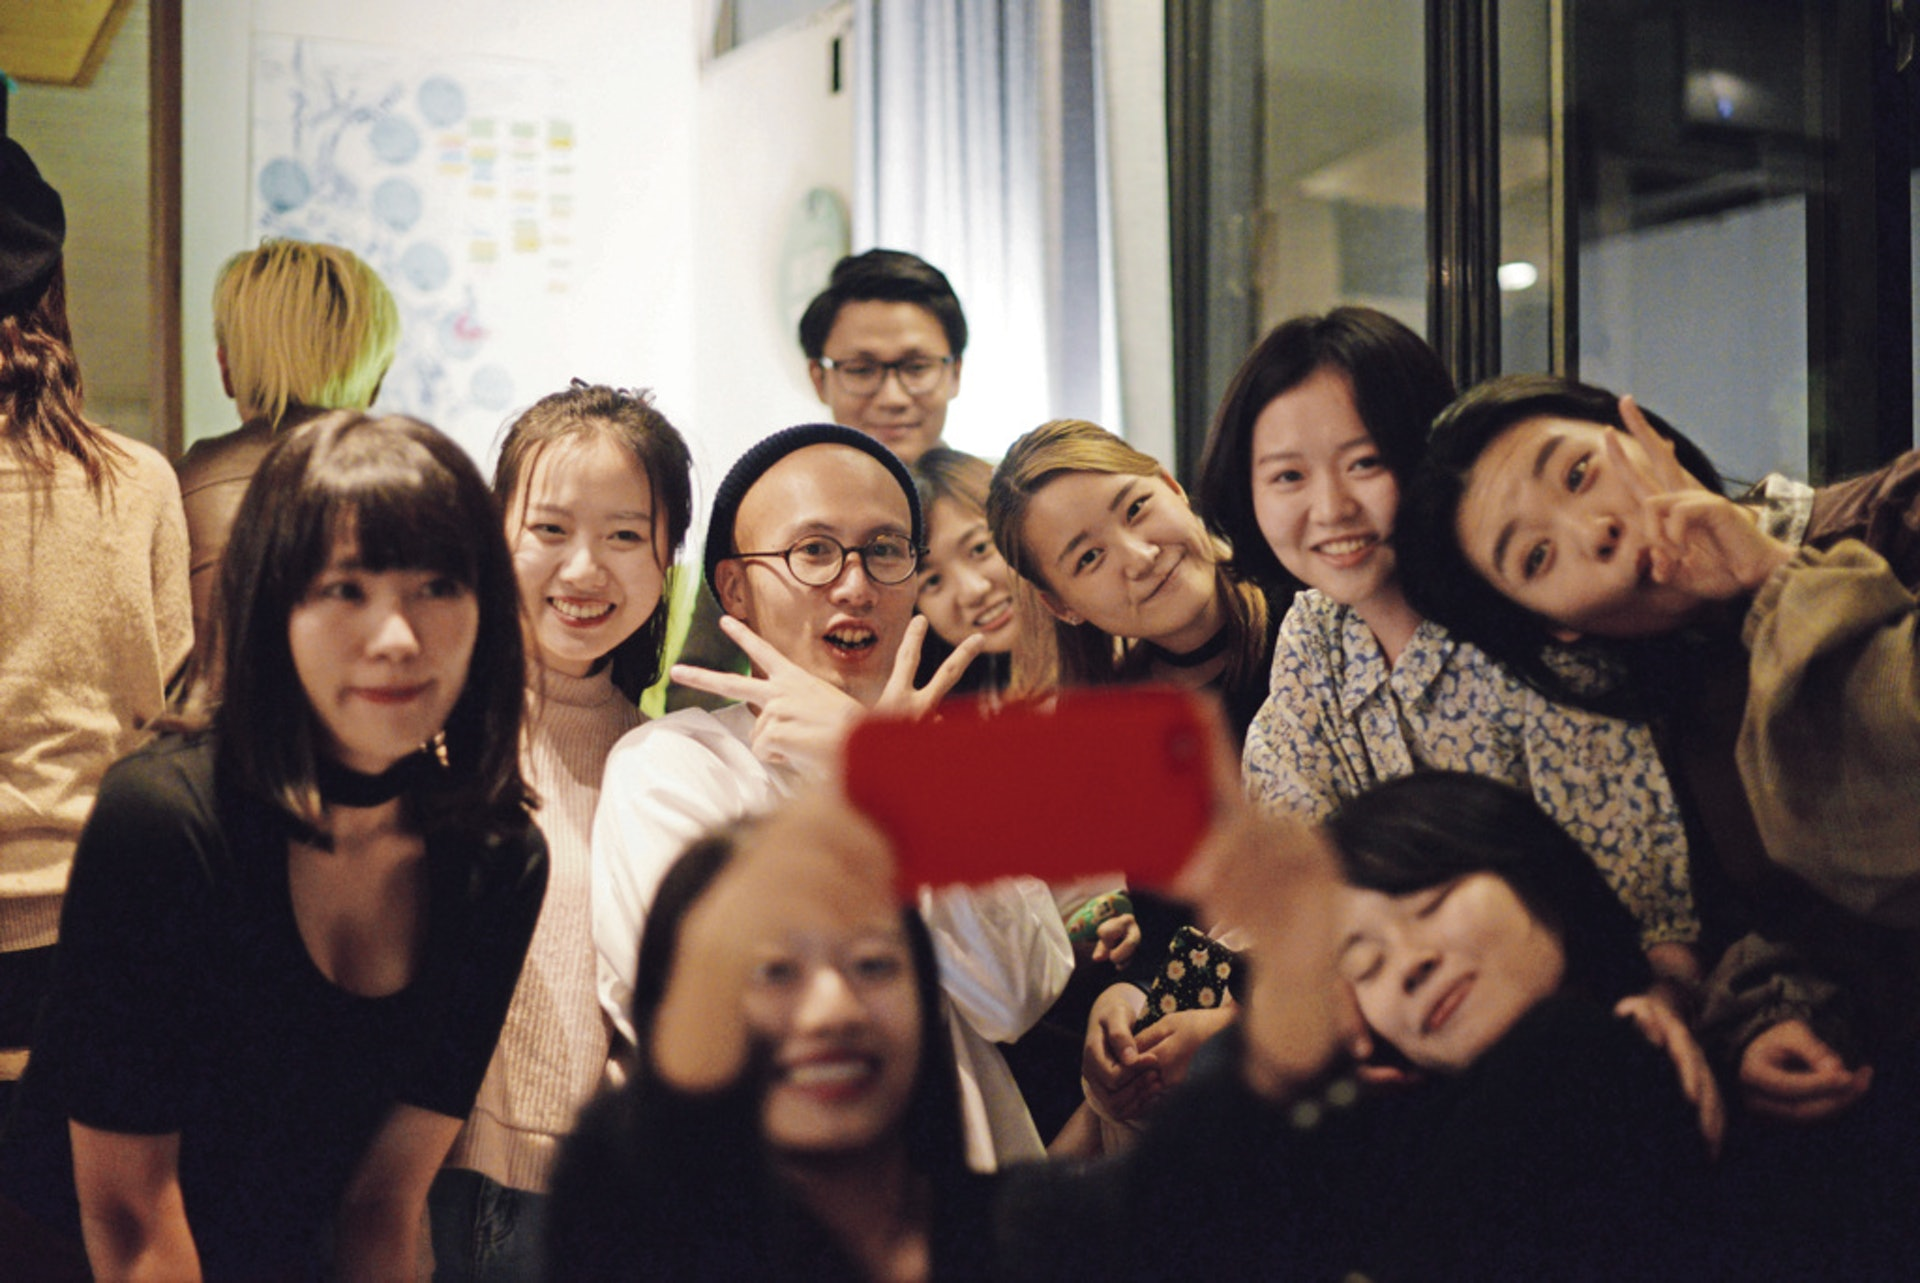 連結來自不同領域的青年也是青年共居的核心目標。(玖樓團隊提供)